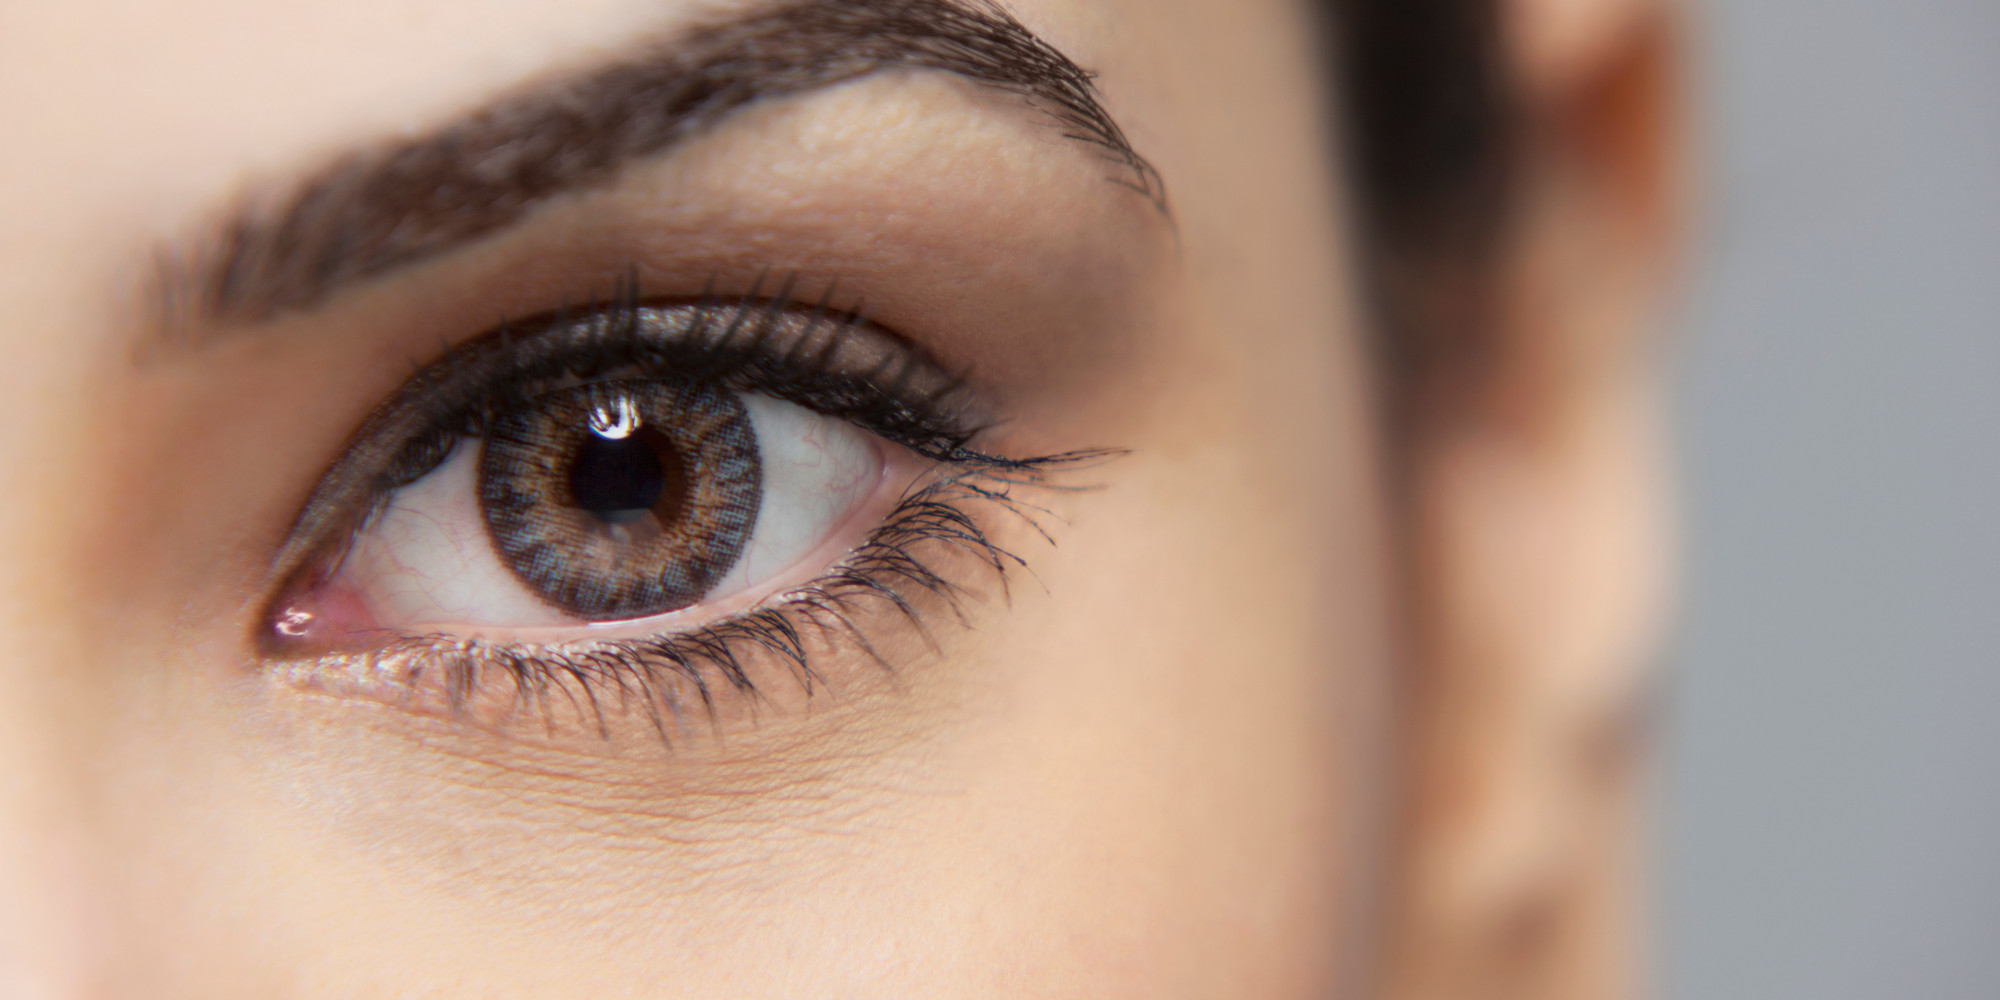 Medical Laser Eye Surgery